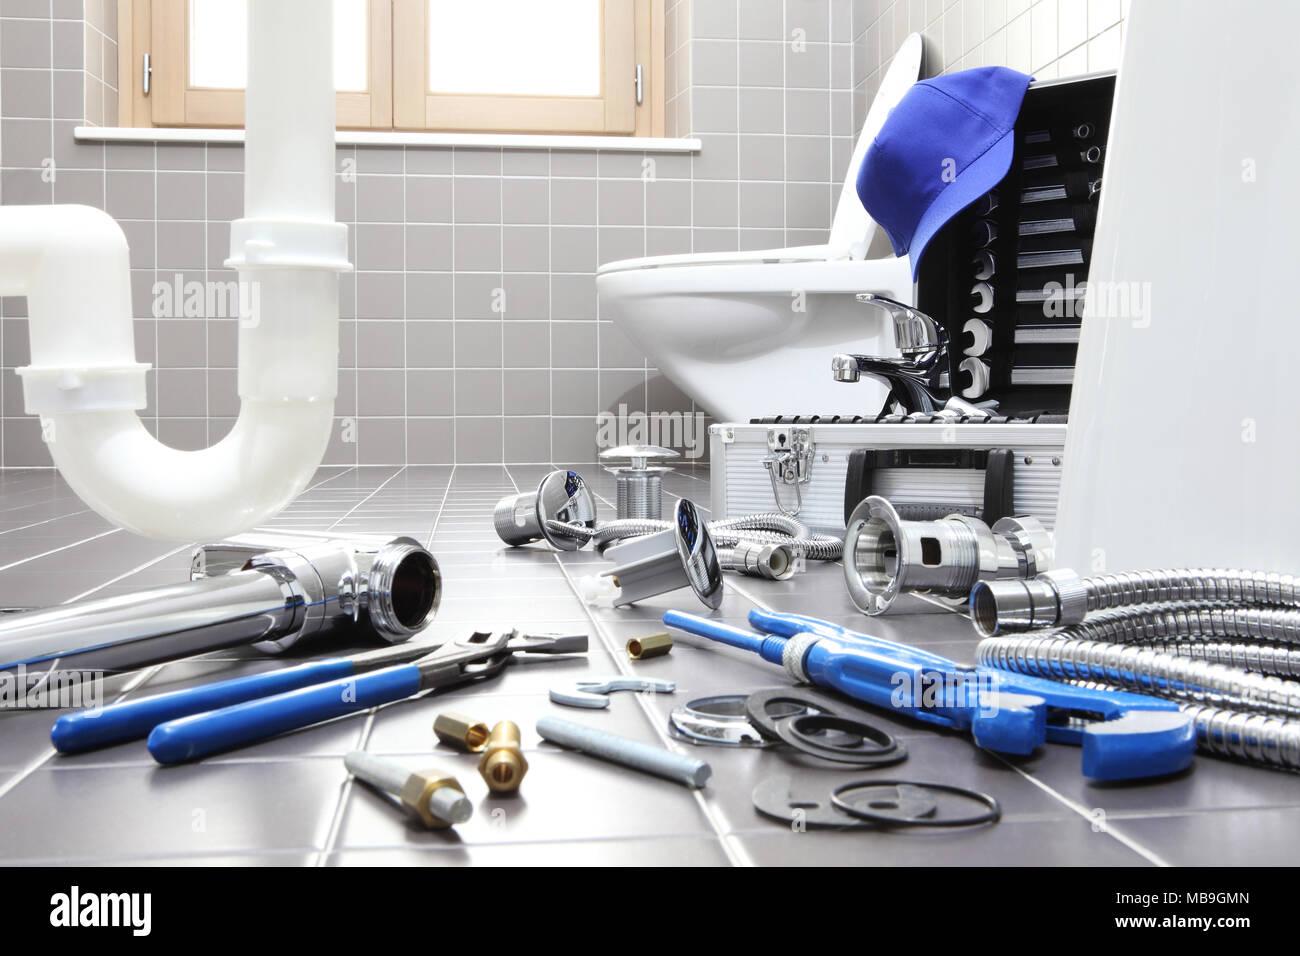 Badezimmer Installation, klempner werkzeuge und geräte in einem badezimmer, sanitär reparatur, Design ideen